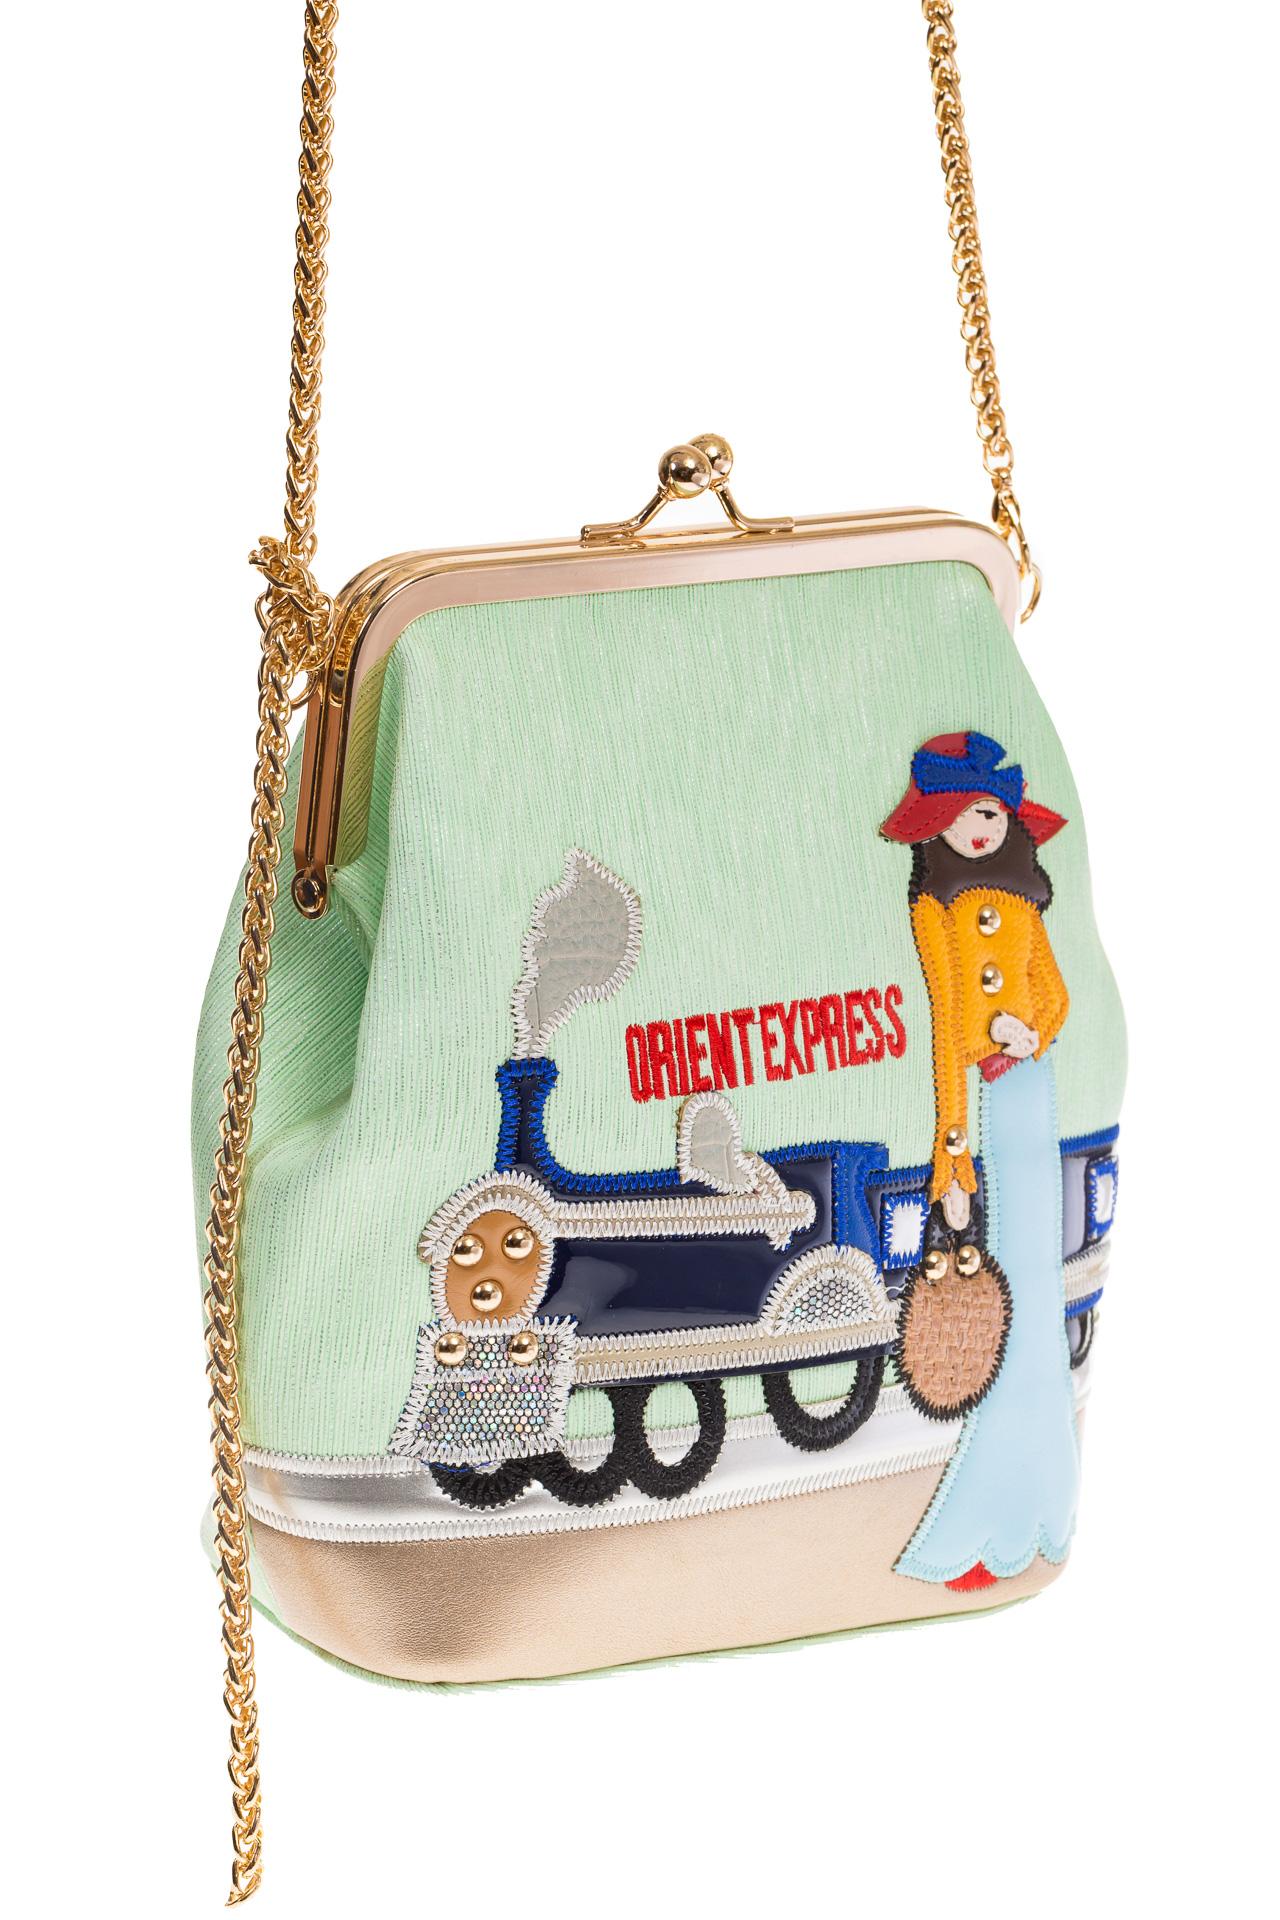 На фото Frame bag для женщин, цвет основы – фисташковый, материал – эко-кожа, купить оптом в магазине Грета